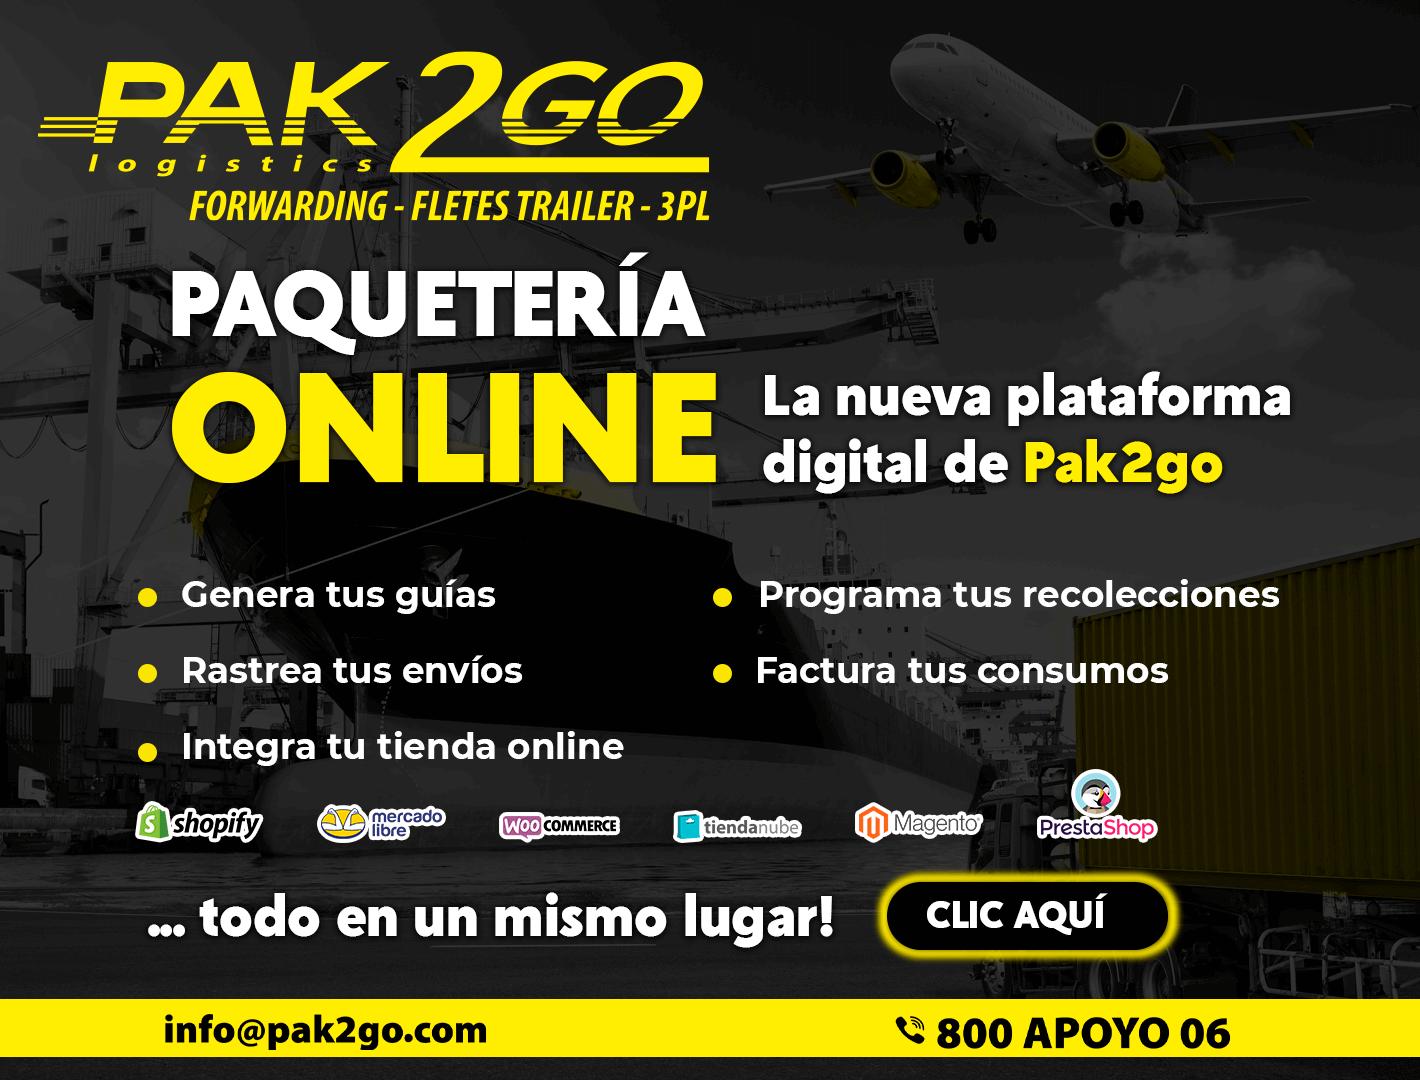 Paquetería online